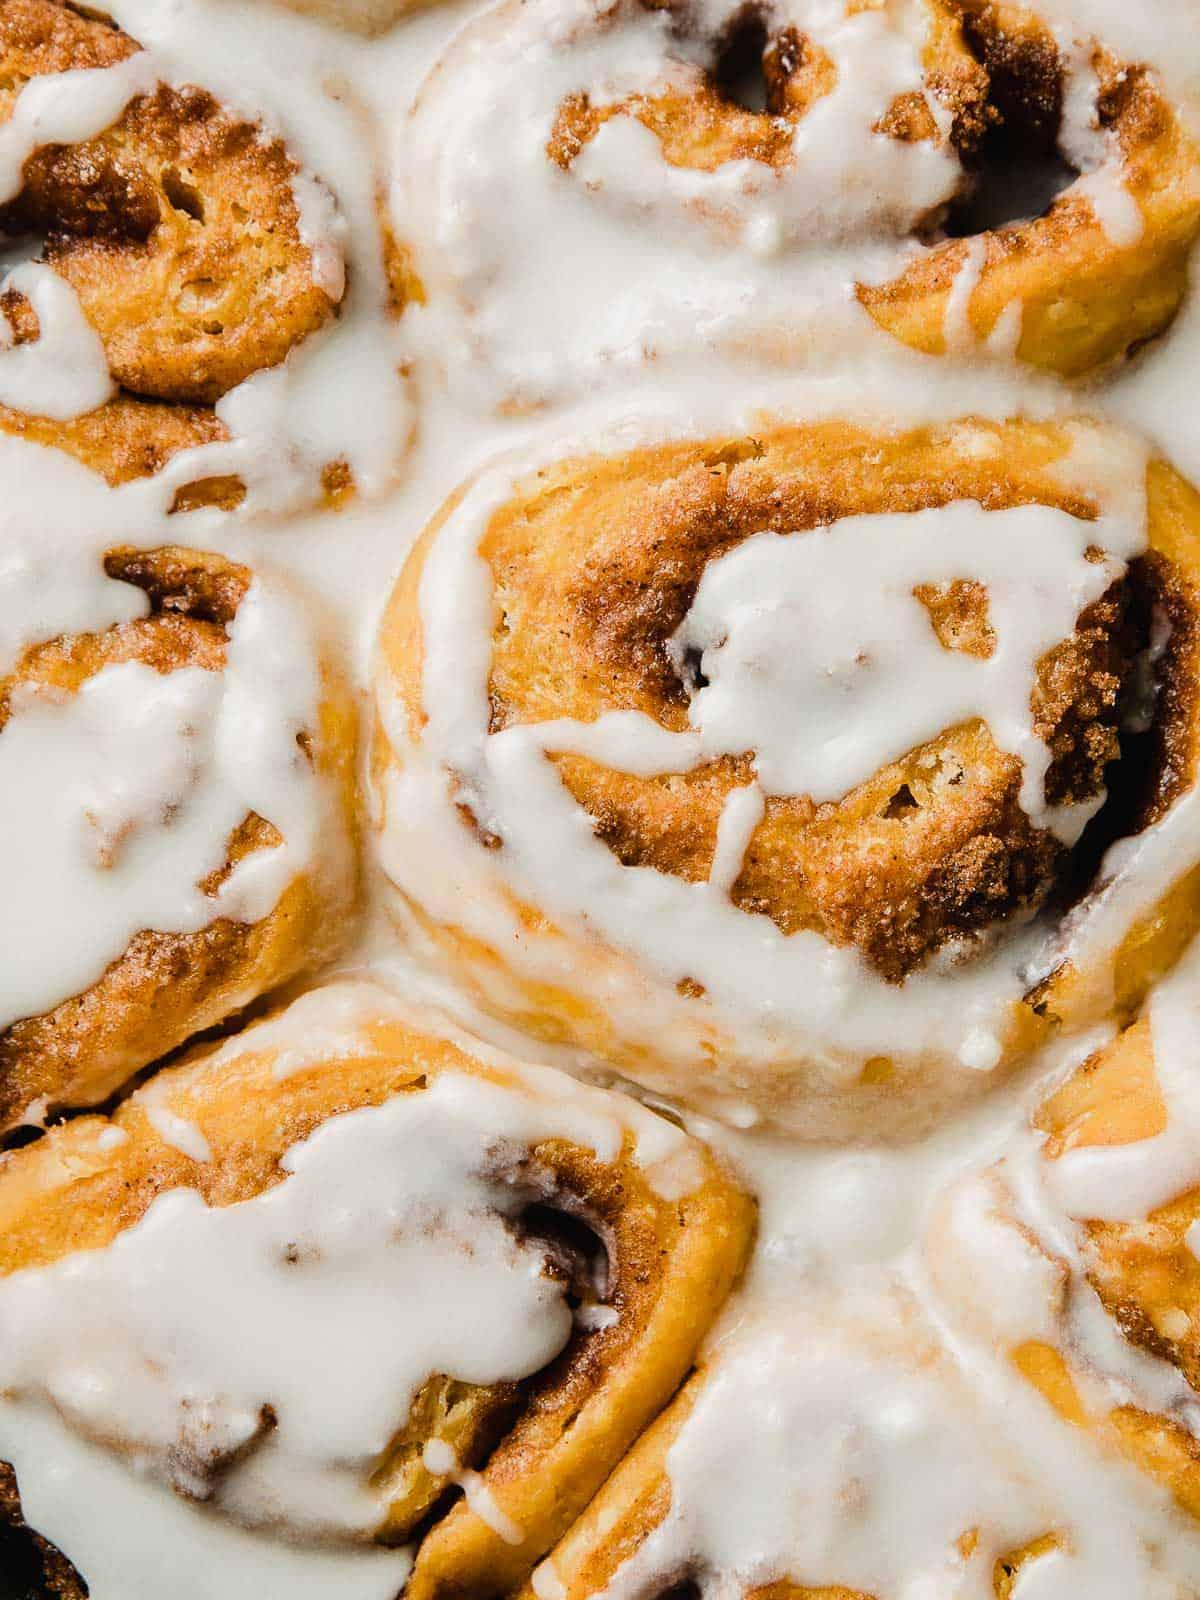 A closeup photograph of glazed sourdough pumpkin cinnamon rolls.